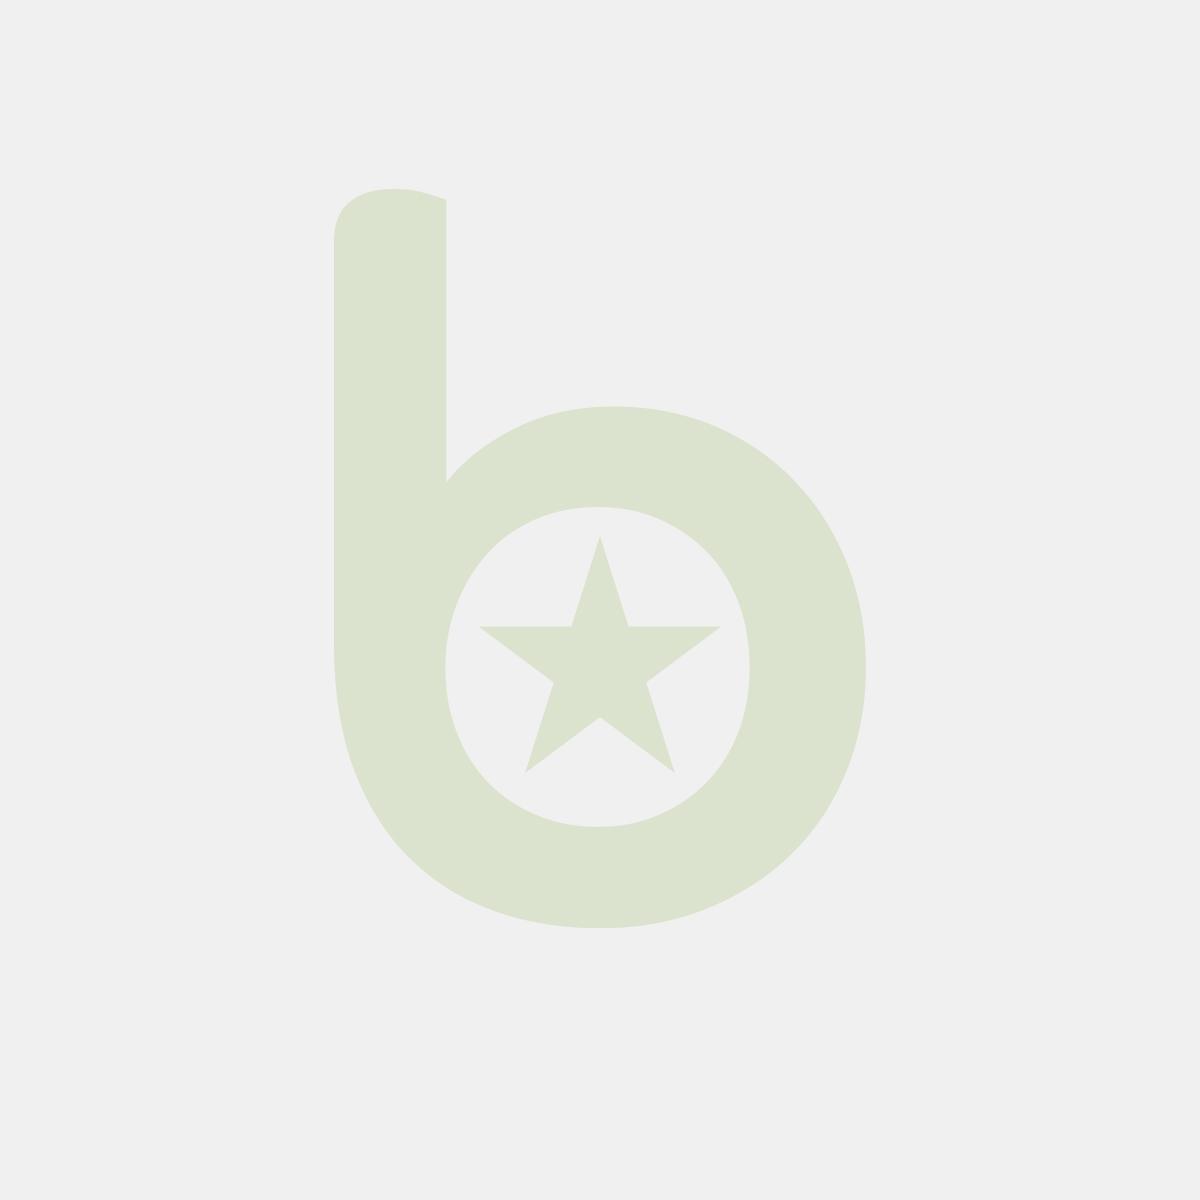 Etui-koperta na sztućce z serwetki Airland białej opakowanie 160 szt